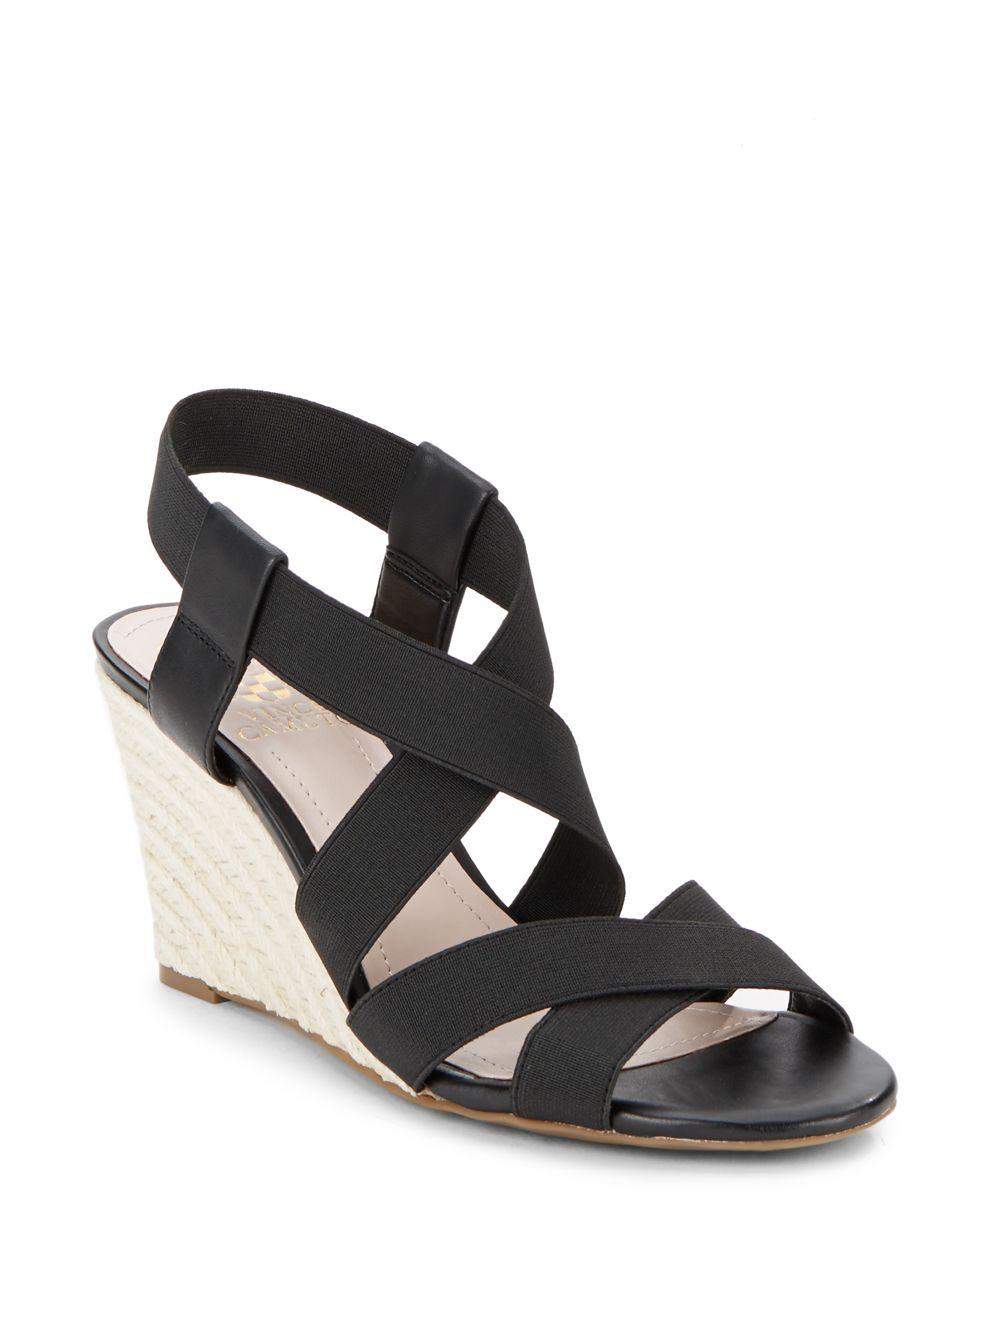 Vince Camuto Hadassa Strappy Espadrille Wedge Sandals In